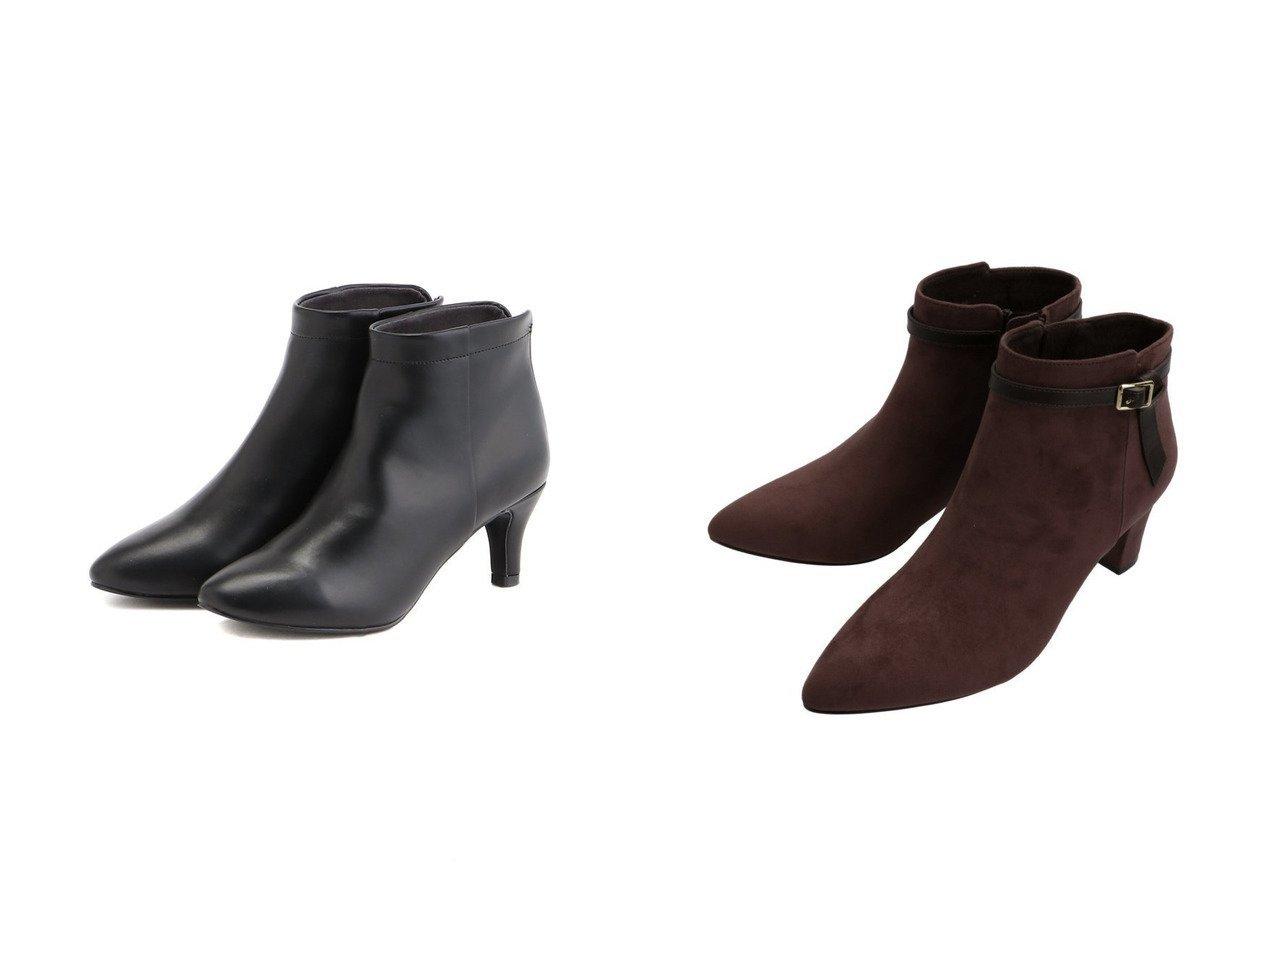 【Le Talon/ル タロン】の6cmバックファスナーSB(22-25)&6cmステッチベルトSB(SS-LL) シューズ・靴のおすすめ!人気、トレンド・レディースファッションの通販  おすすめで人気の流行・トレンド、ファッションの通販商品 メンズファッション・キッズファッション・インテリア・家具・レディースファッション・服の通販 founy(ファニー) https://founy.com/ ファッション Fashion レディースファッション WOMEN バッグ Bag ベルト Belts 2020年 2020 2020-2021 秋冬 A/W AW Autumn/Winter / FW Fall-Winter 2020-2021 A/W 秋冬 AW Autumn/Winter / FW Fall-Winter インソール クッション シューズ ショート シンプル NEW・新作・新着・新入荷 New Arrivals S/S 春夏 SS Spring/Summer バランス ボトム |ID:crp329100000009827